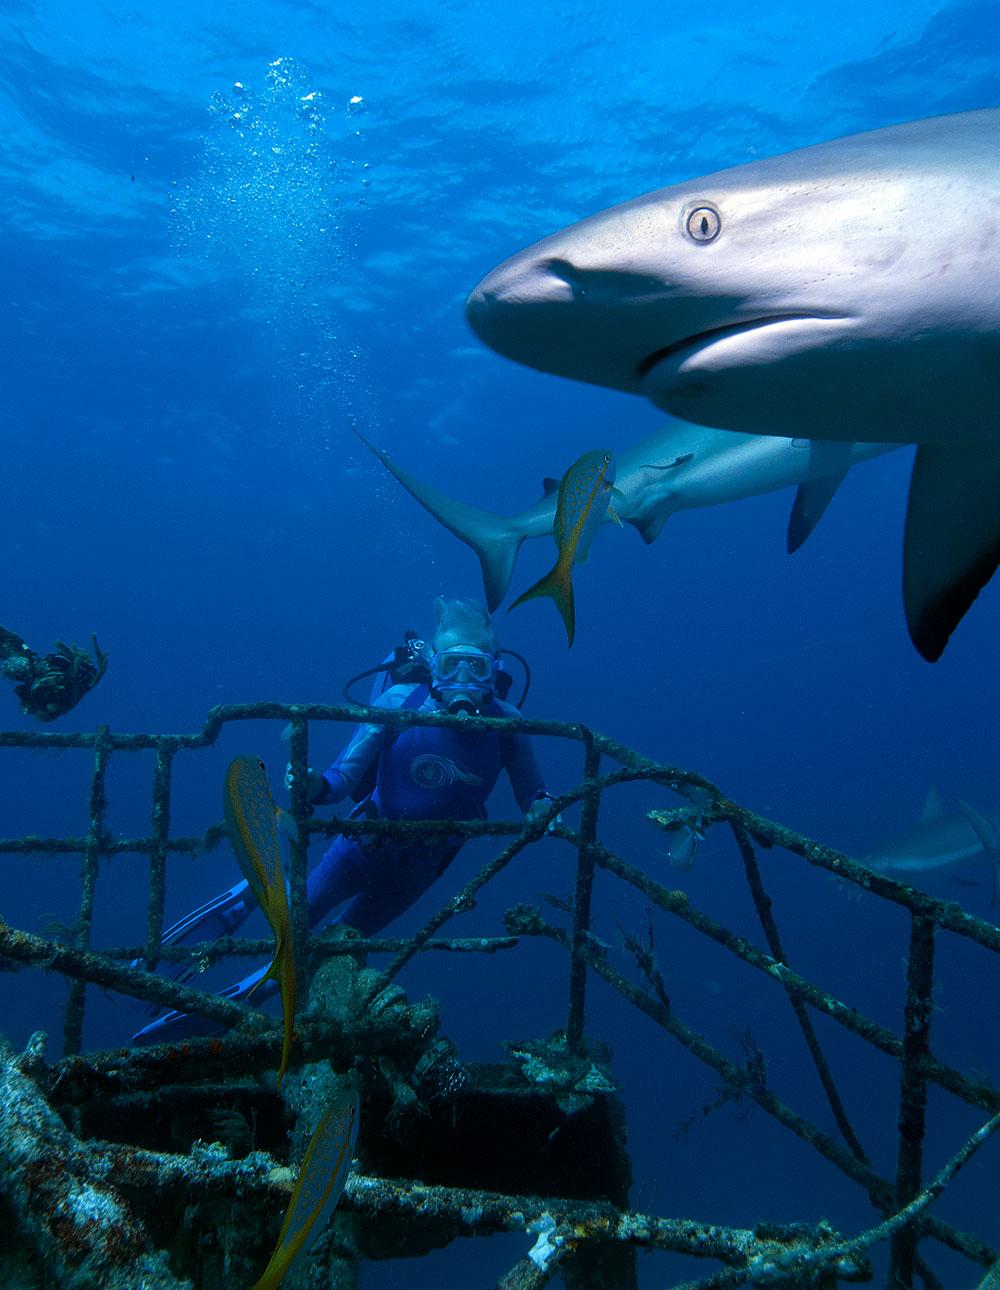 La sexta edición del Festival Arona Son Atlántico finaliza con una proyección de Las Maravillas del Mar